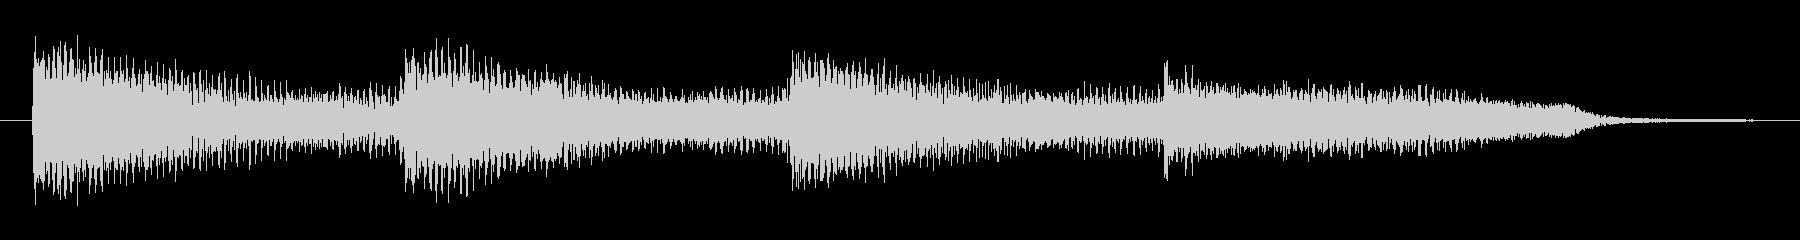 ホラーでゆっくりと迫るピアノの重低音の未再生の波形